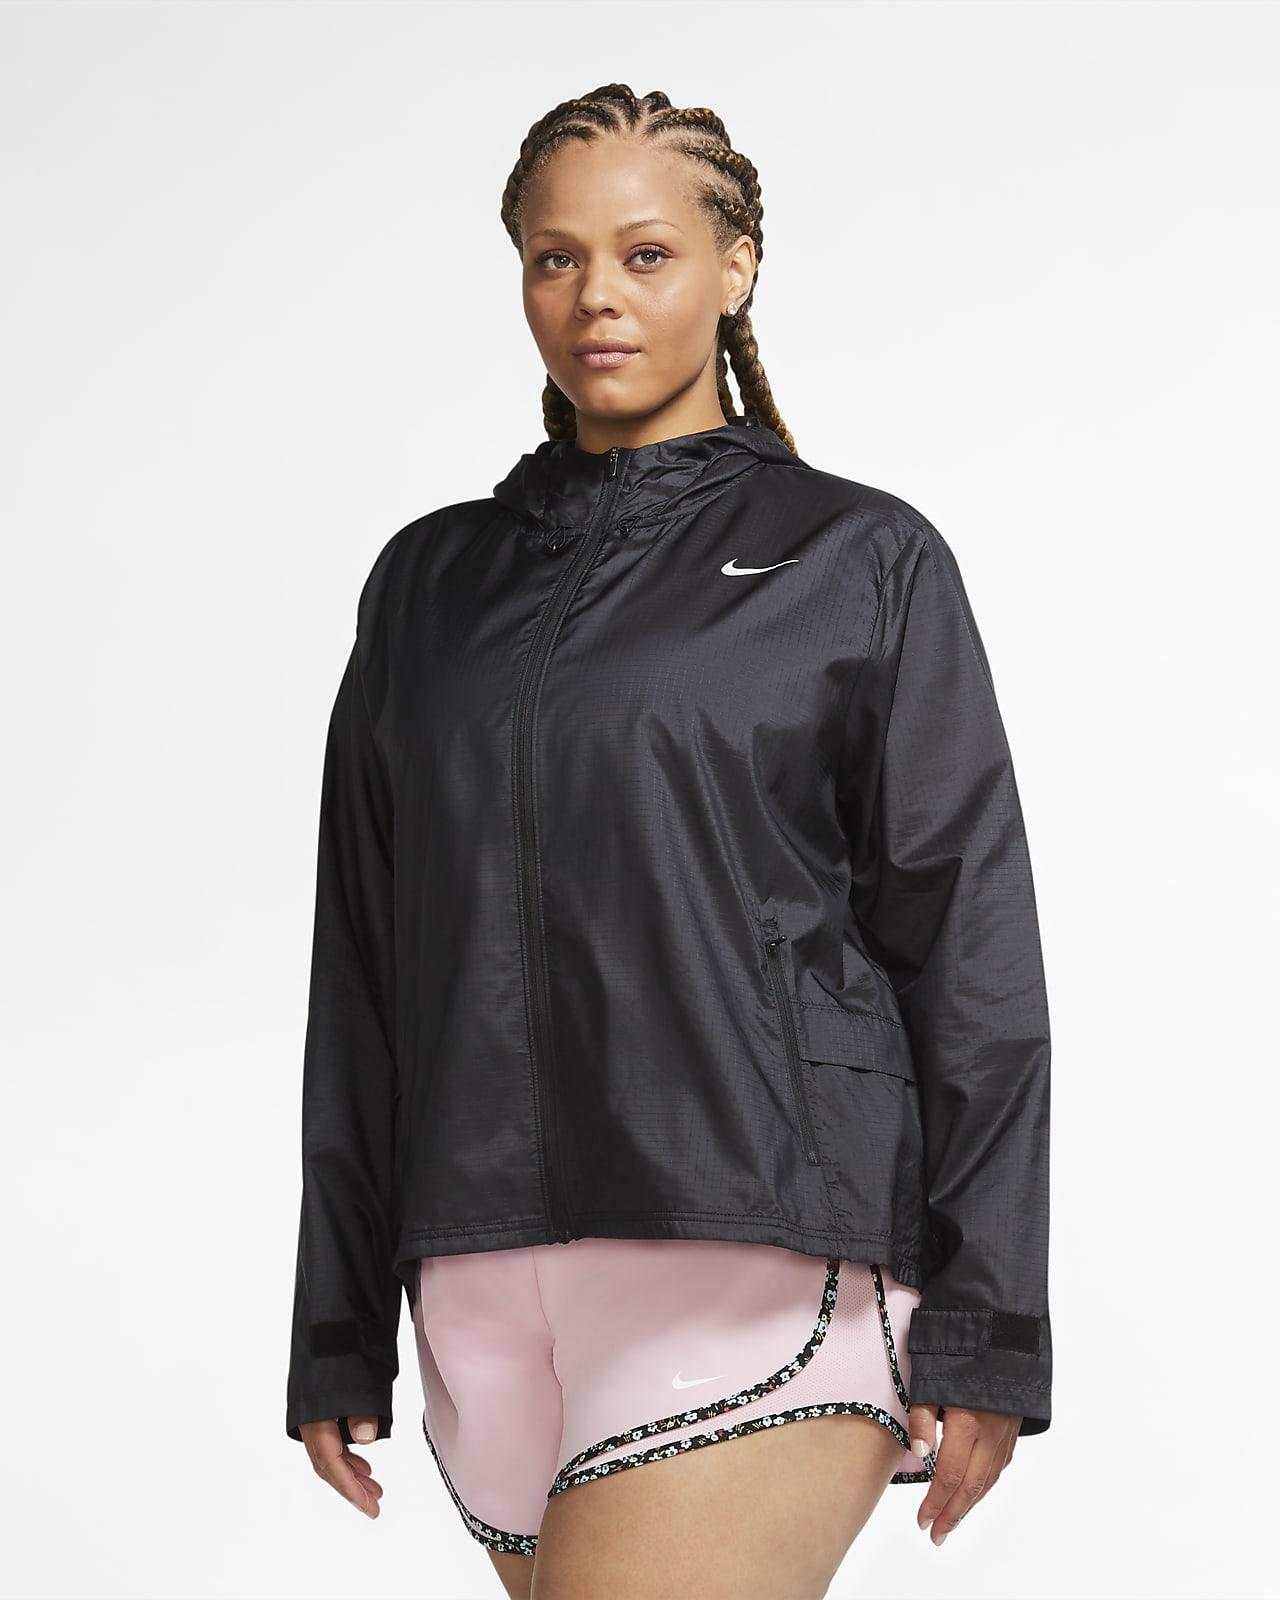 Nike Essential Kadın Koşu Ceketi (Büyük Beden)